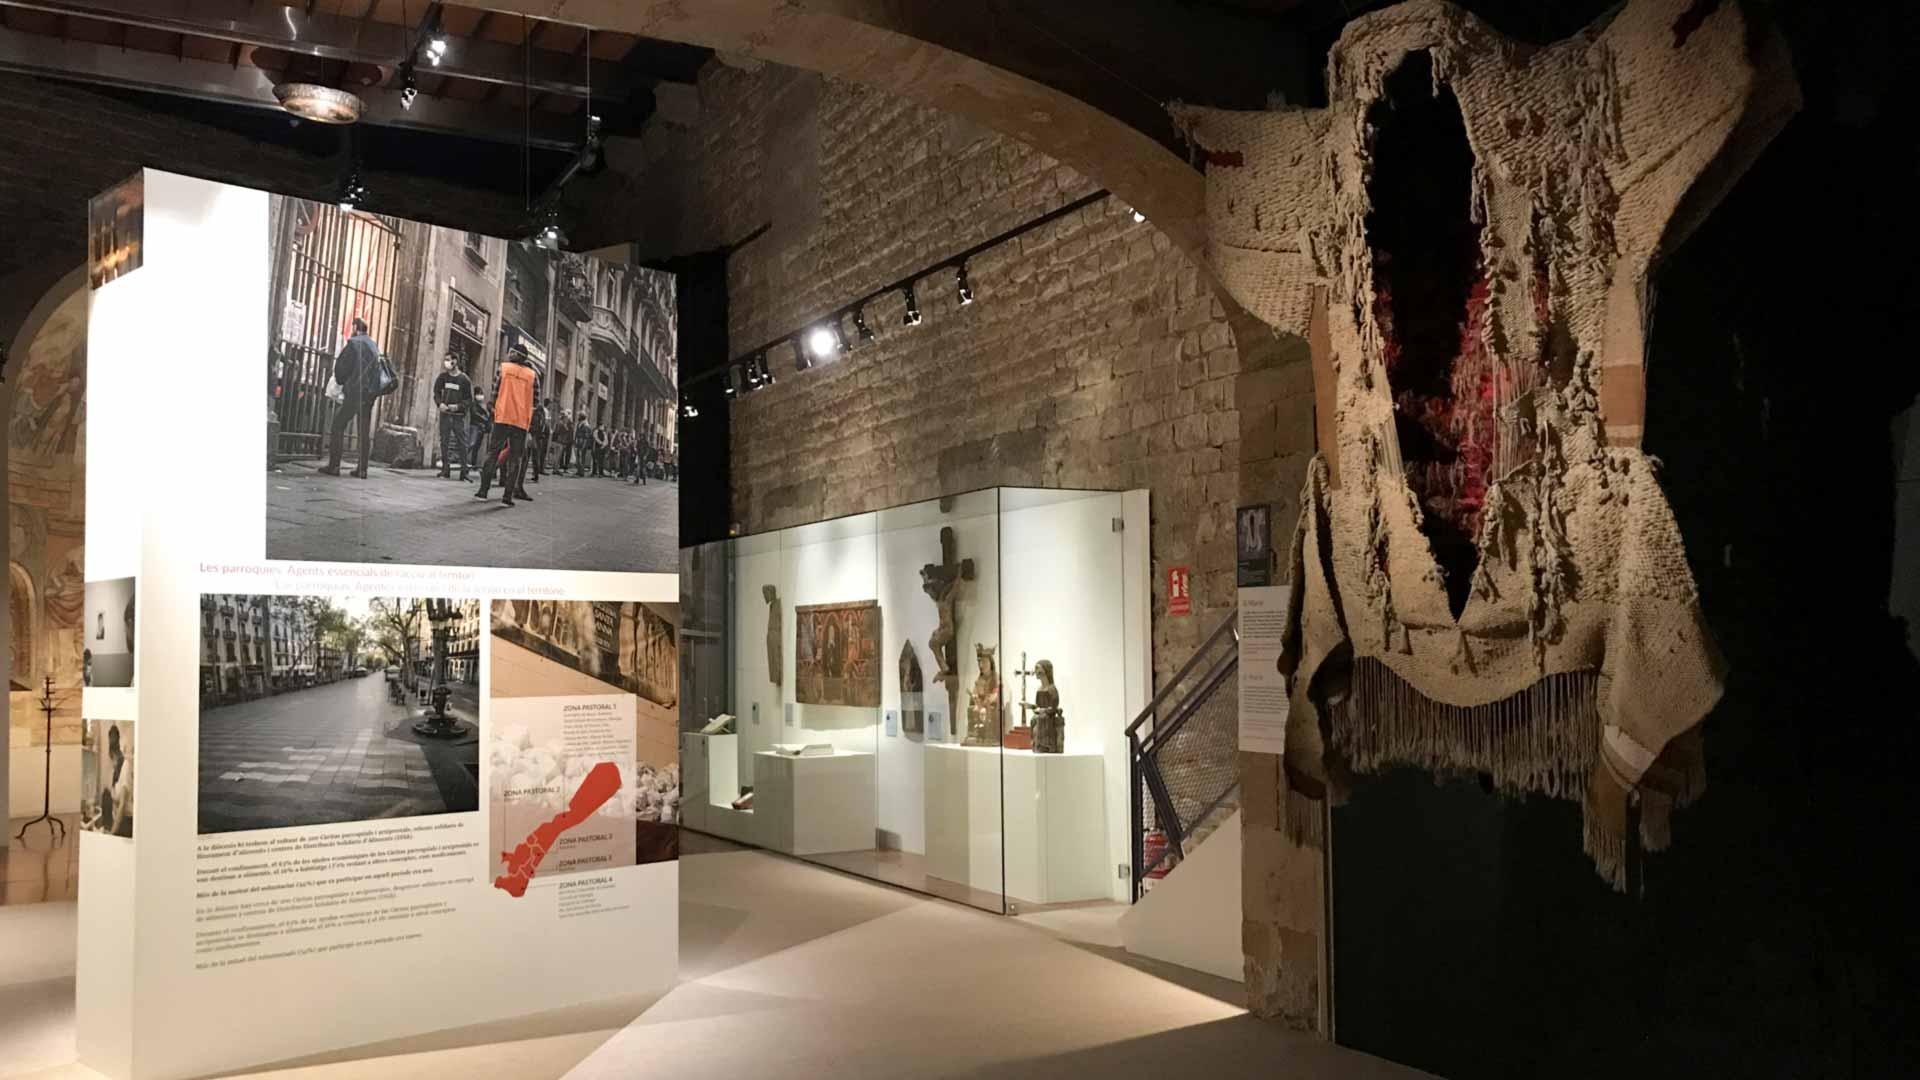 MUSEOGRAFIA - OBRE ELS ULLS - EXPOSICIÓ PANDEMIA COVID - MUSEU DIOCESÀ